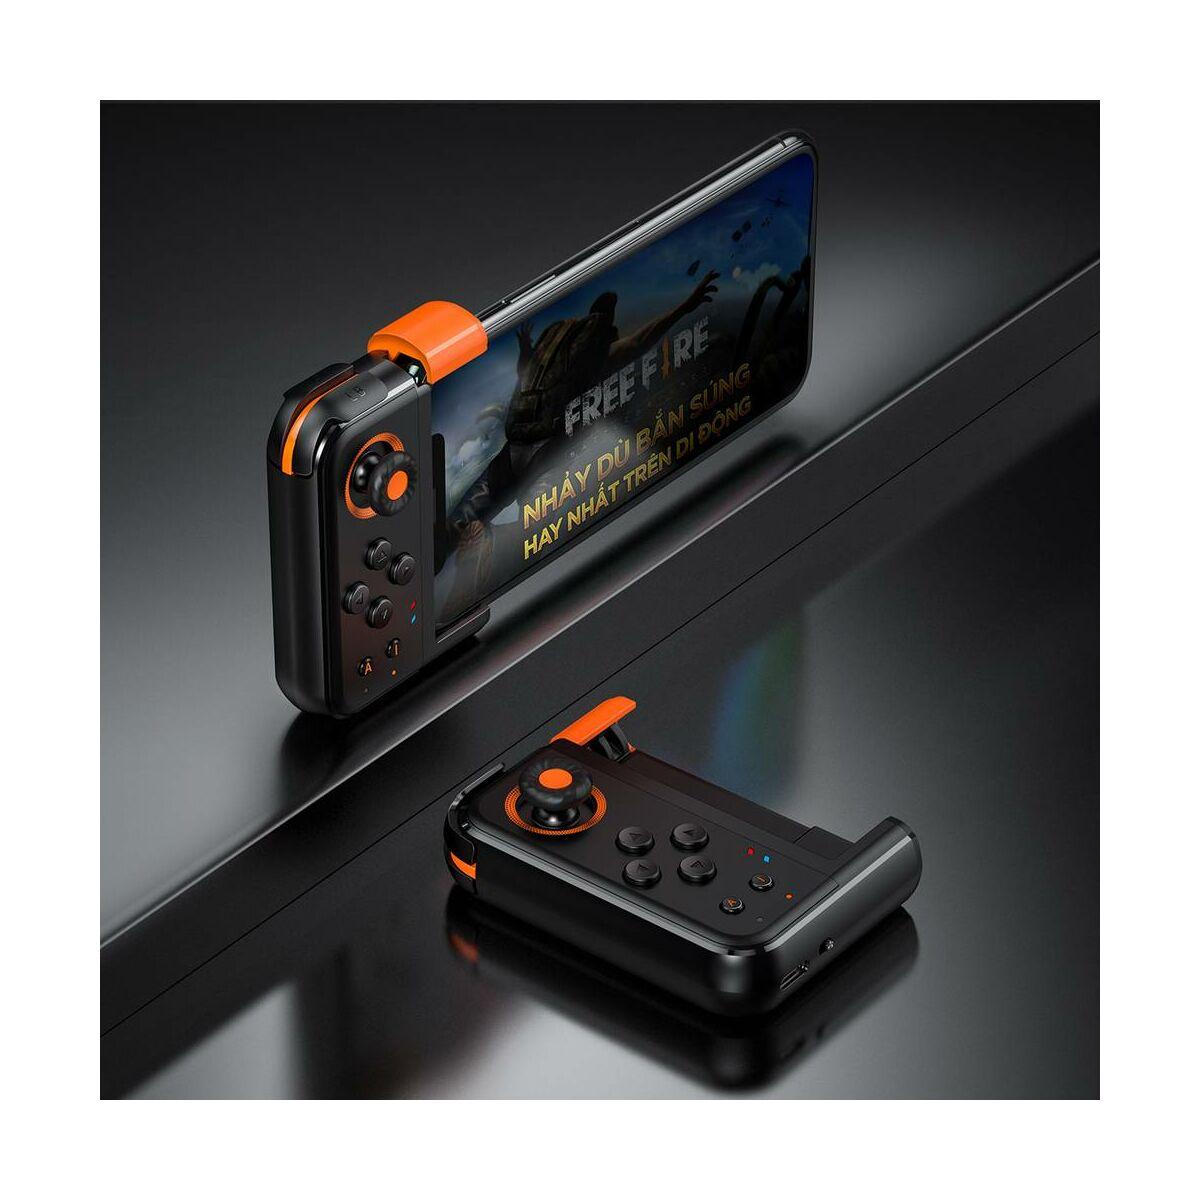 Baseus játék eszköz, GAMO egykezes vezérlő mobil játékokhoz, fekete (GMGA05-01)